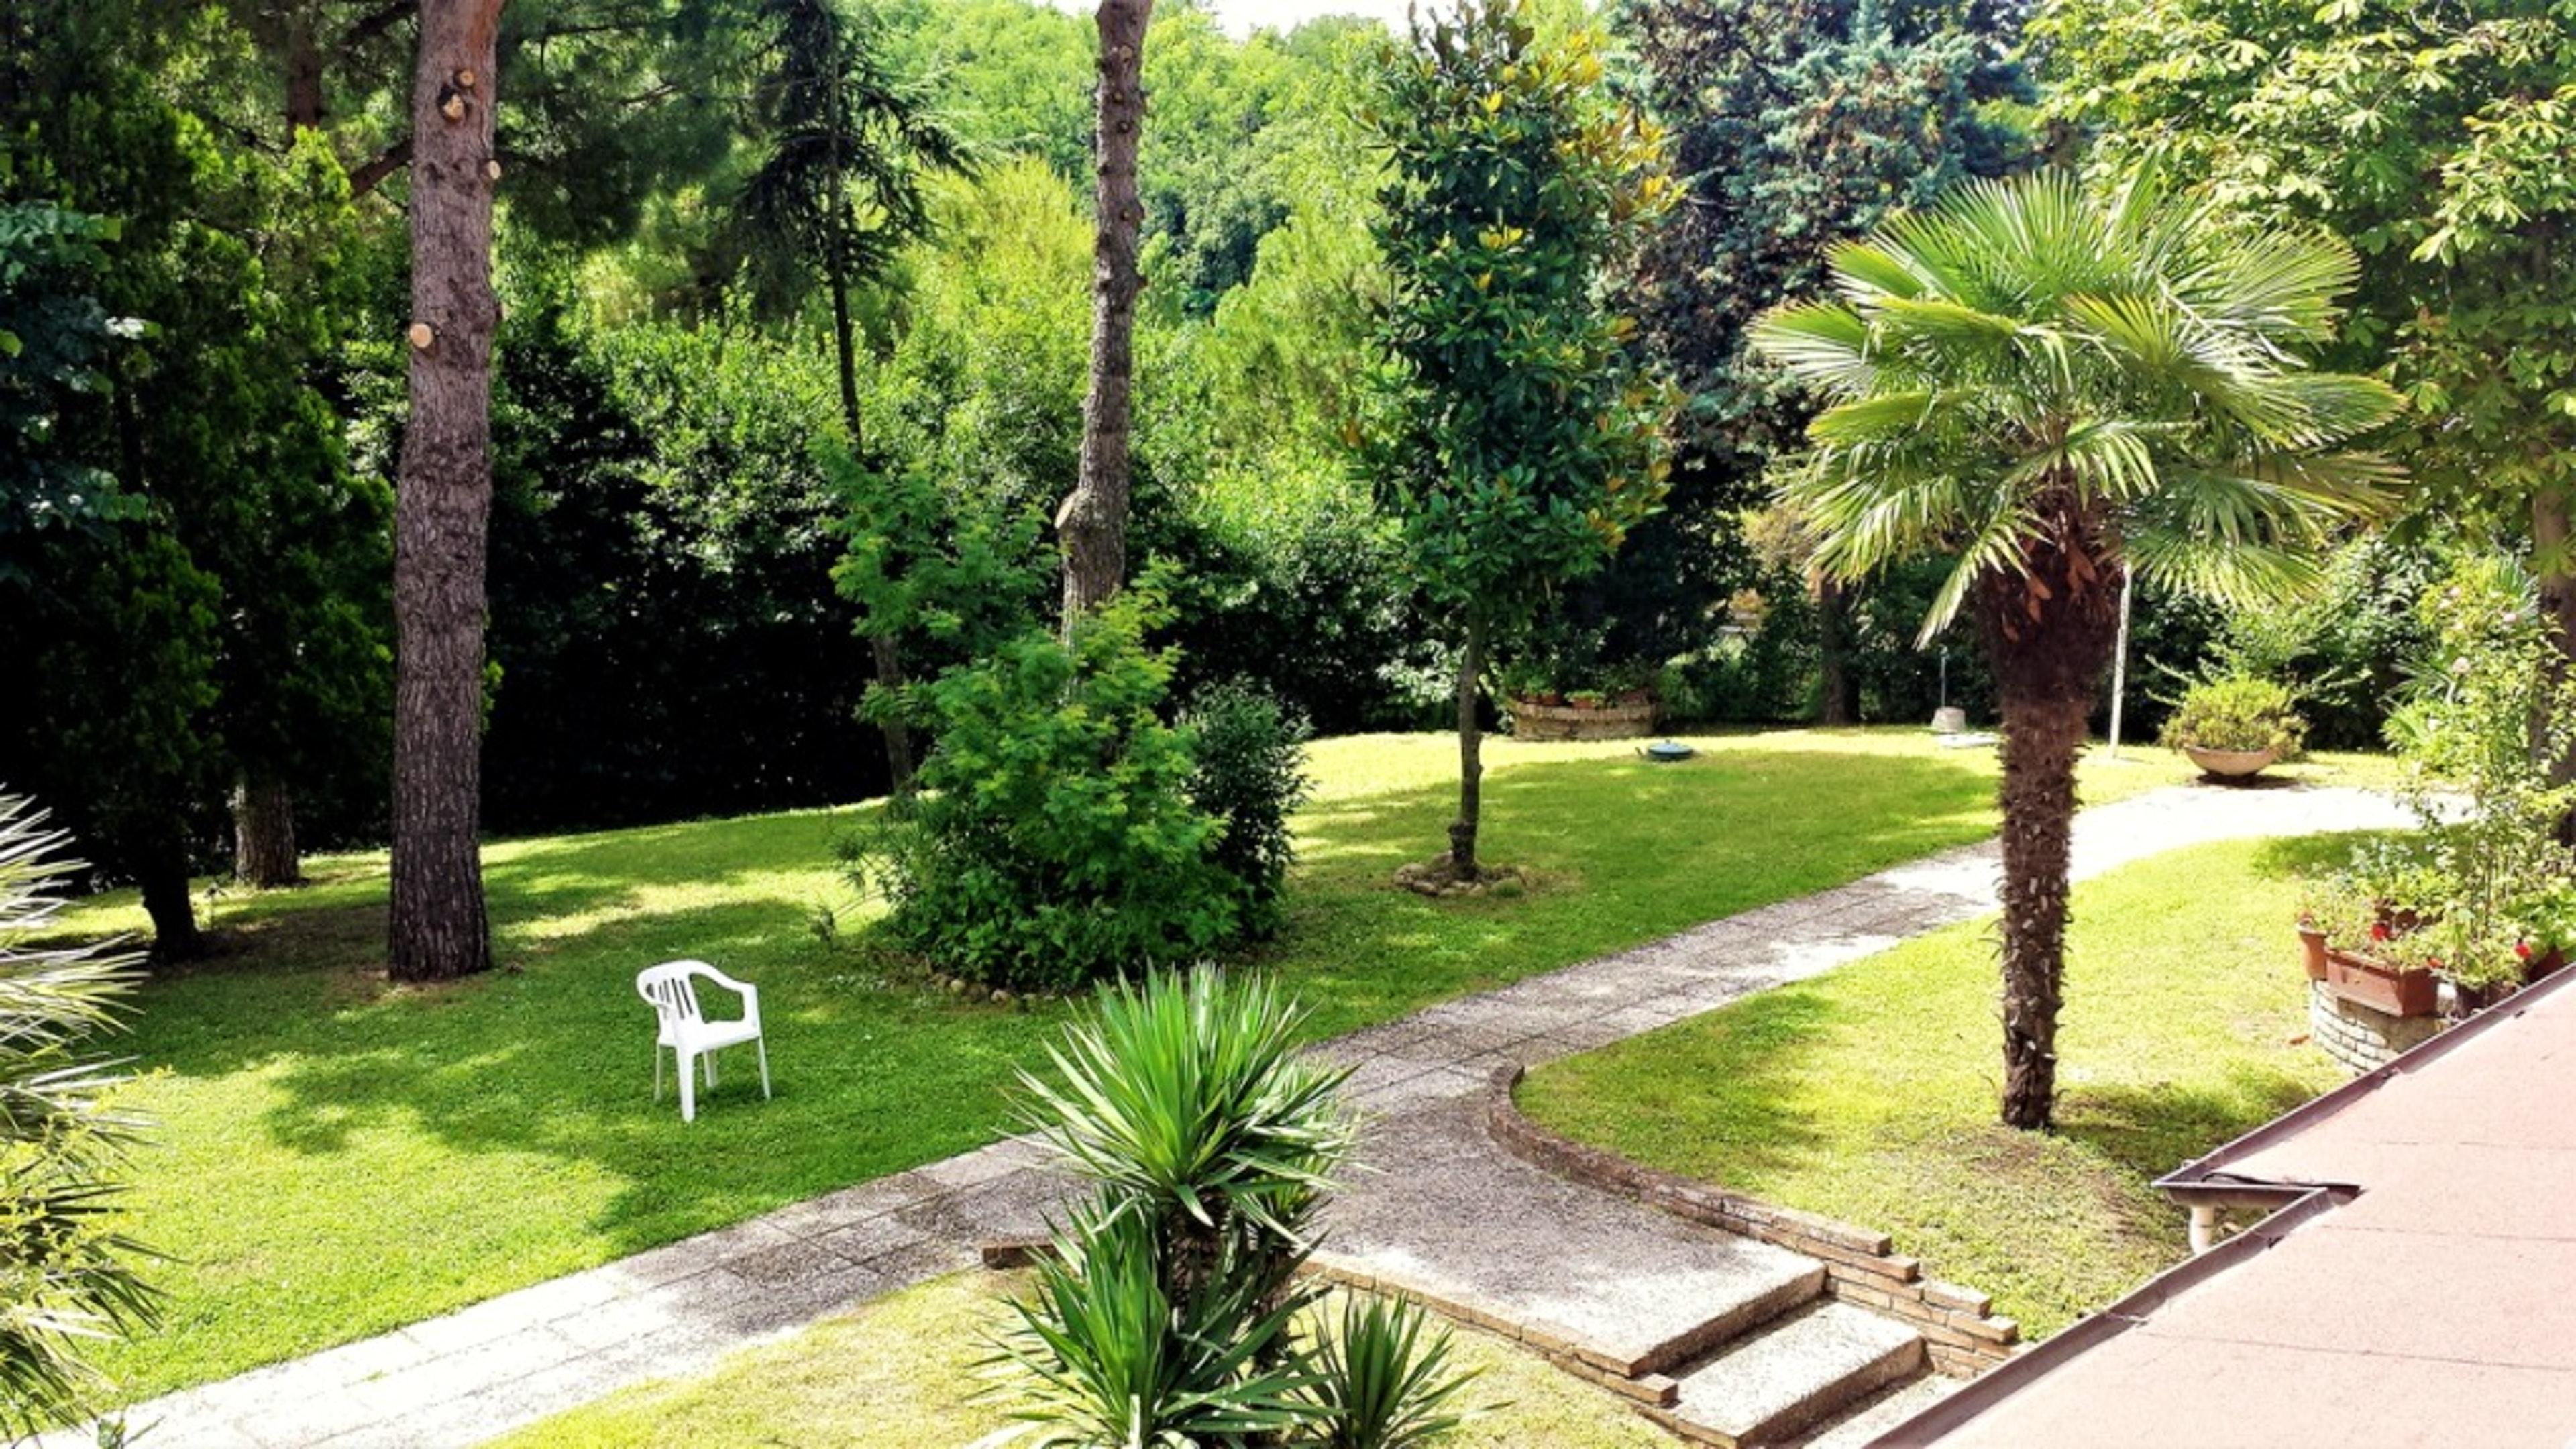 Ferienhaus Villa mit 5 Schlafzimmern in Pesaro mit privatem Pool, eingezäuntem Garten und W-LAN - 3 k (2202299), Pesaro, Pesaro und Urbino, Marken, Italien, Bild 16